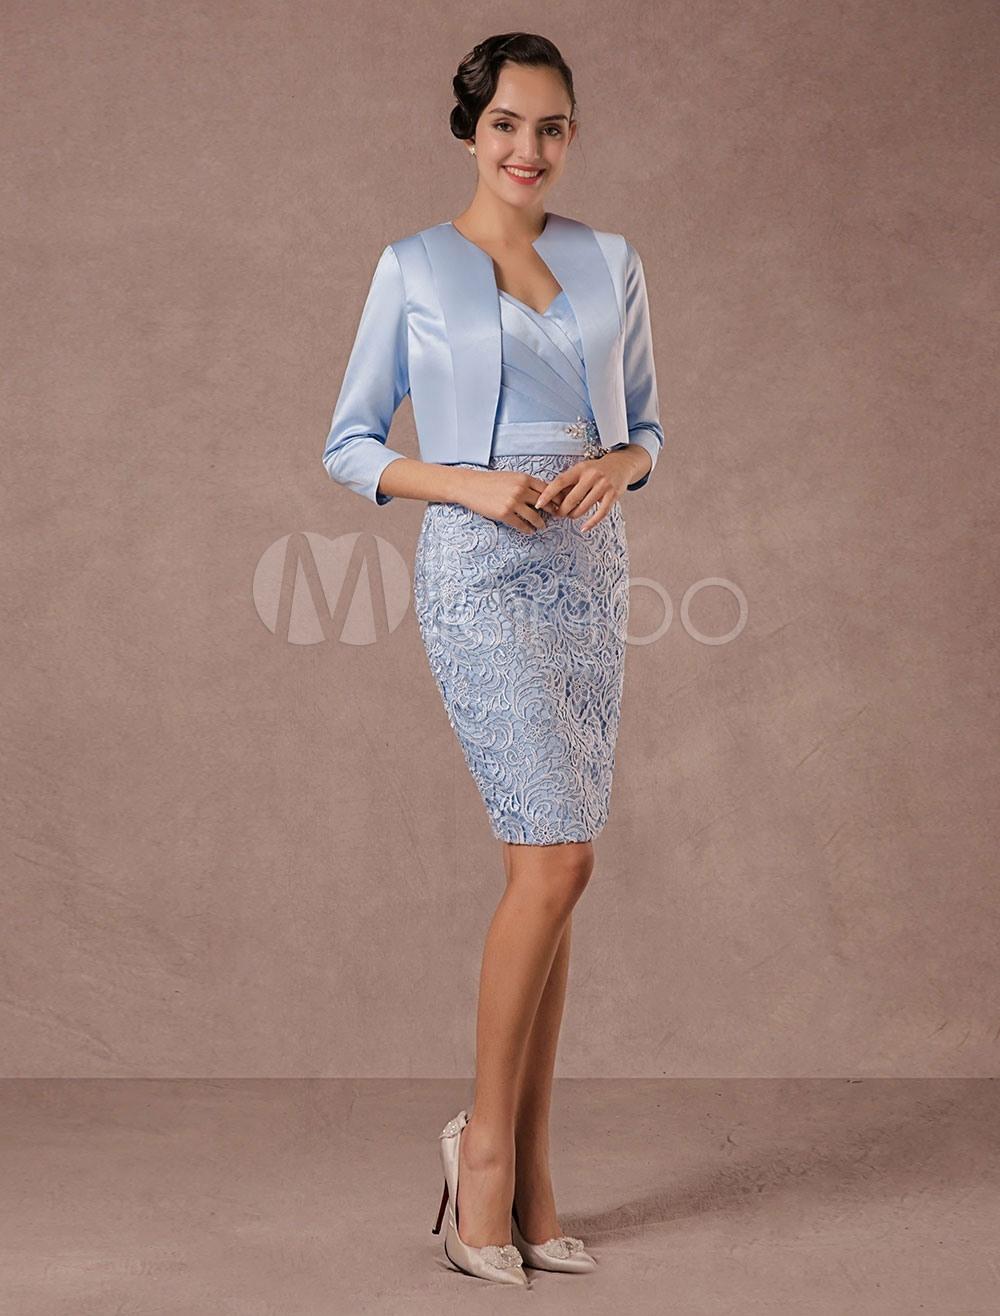 Luxus Kleid Für Hochzeit Mit Ärmeln Boutique17 Großartig Kleid Für Hochzeit Mit Ärmeln Galerie